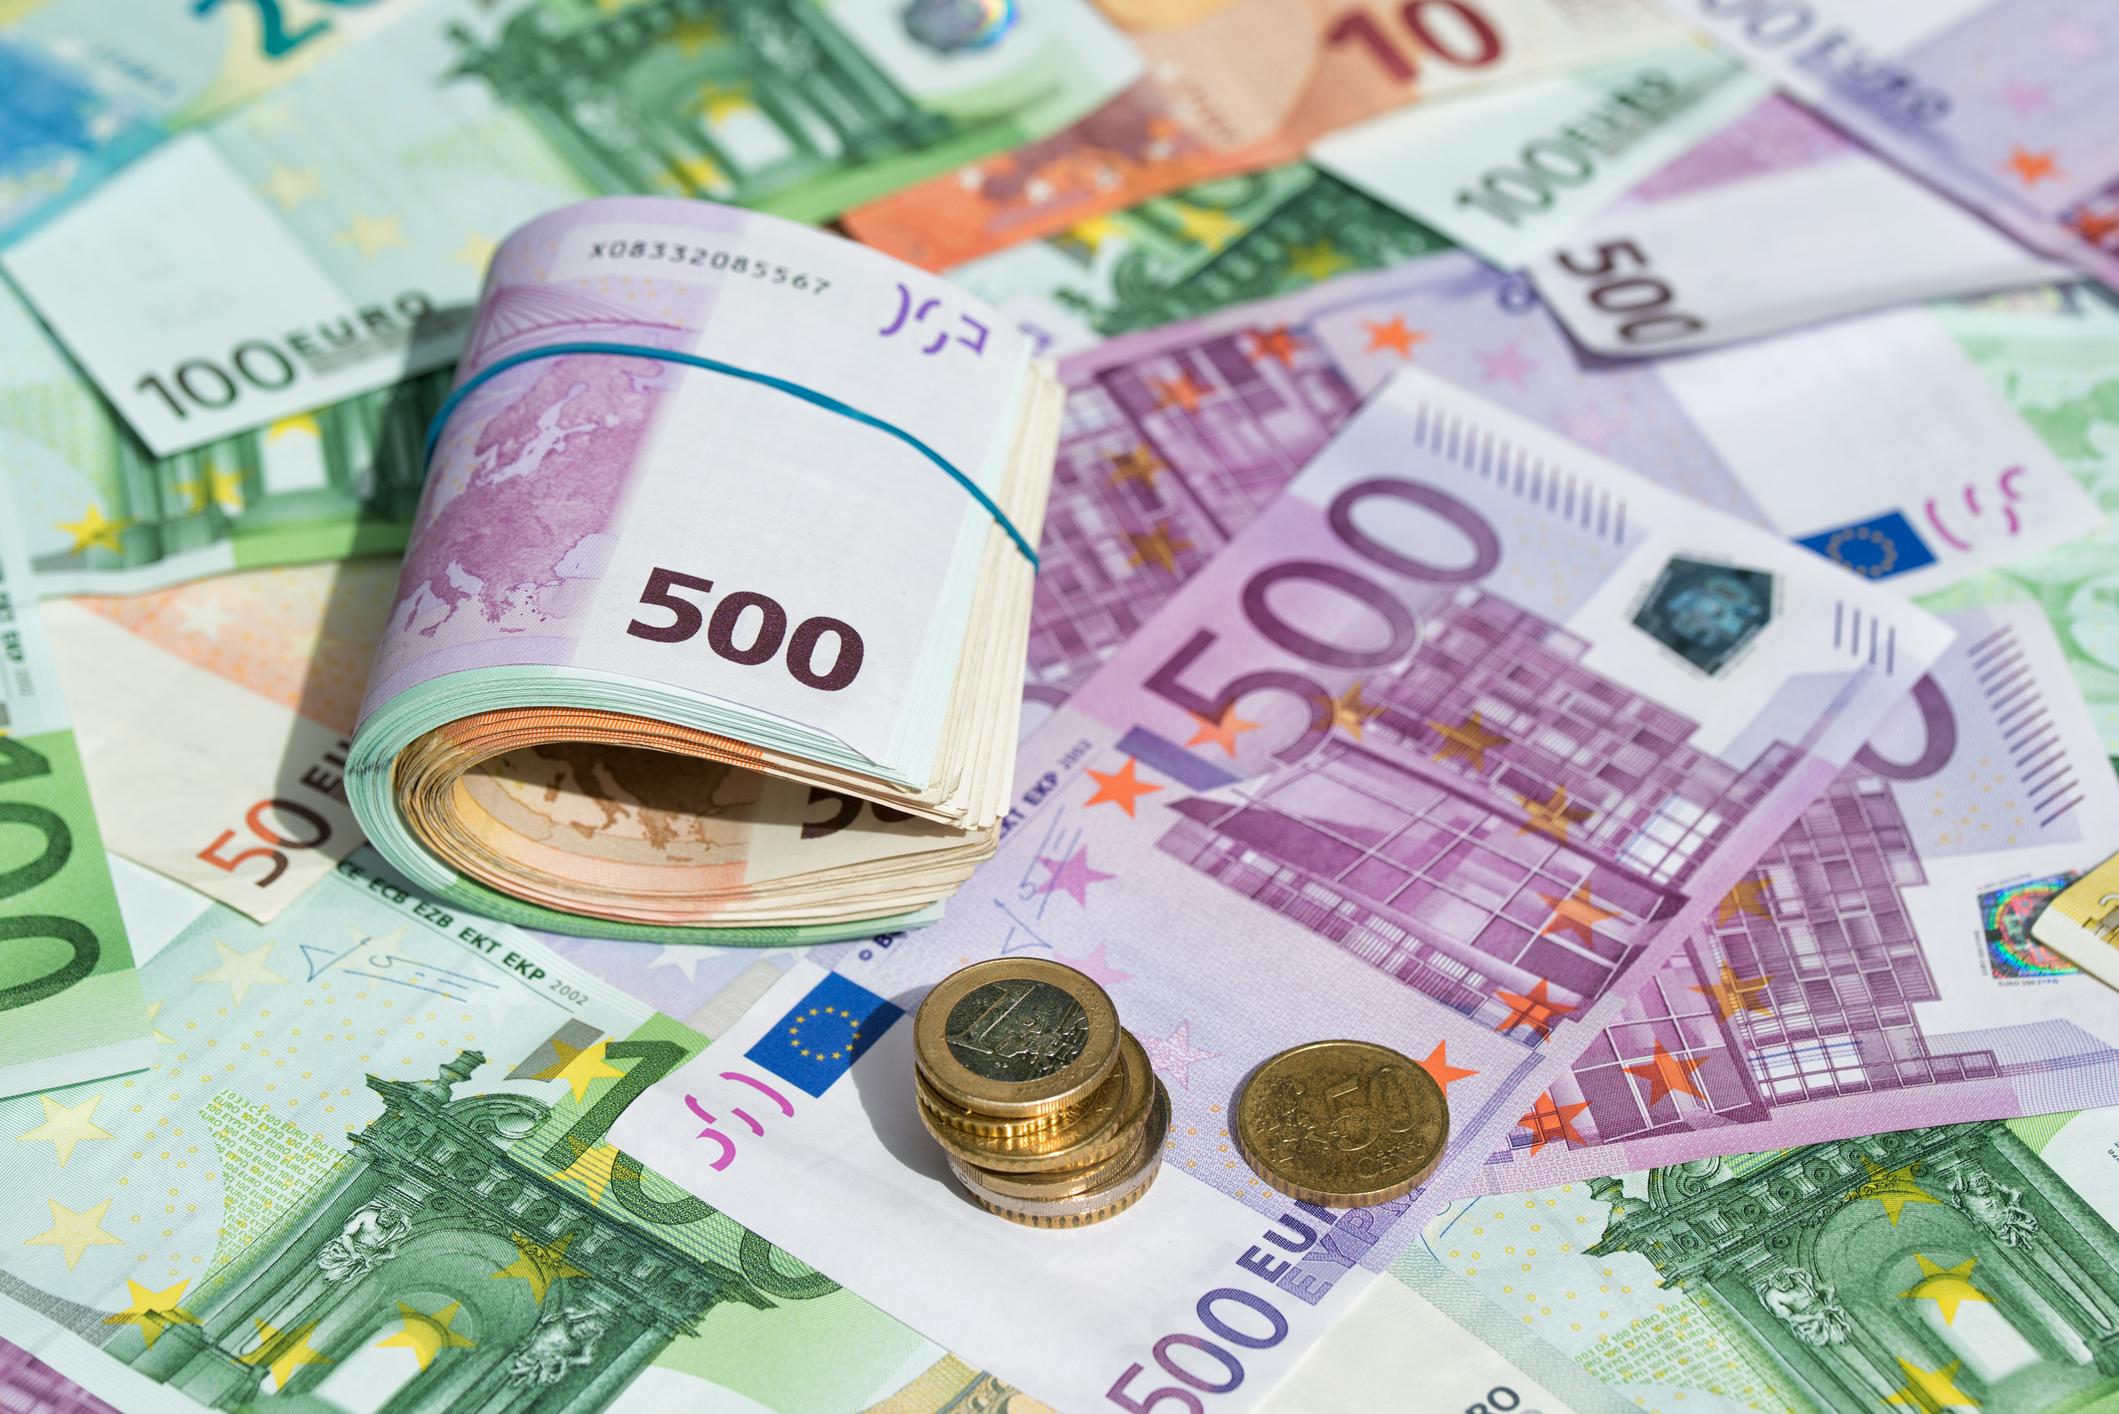 L'investissement immobilier en cash concerne les achats de résidence principale et ceux de résidence secondaire.